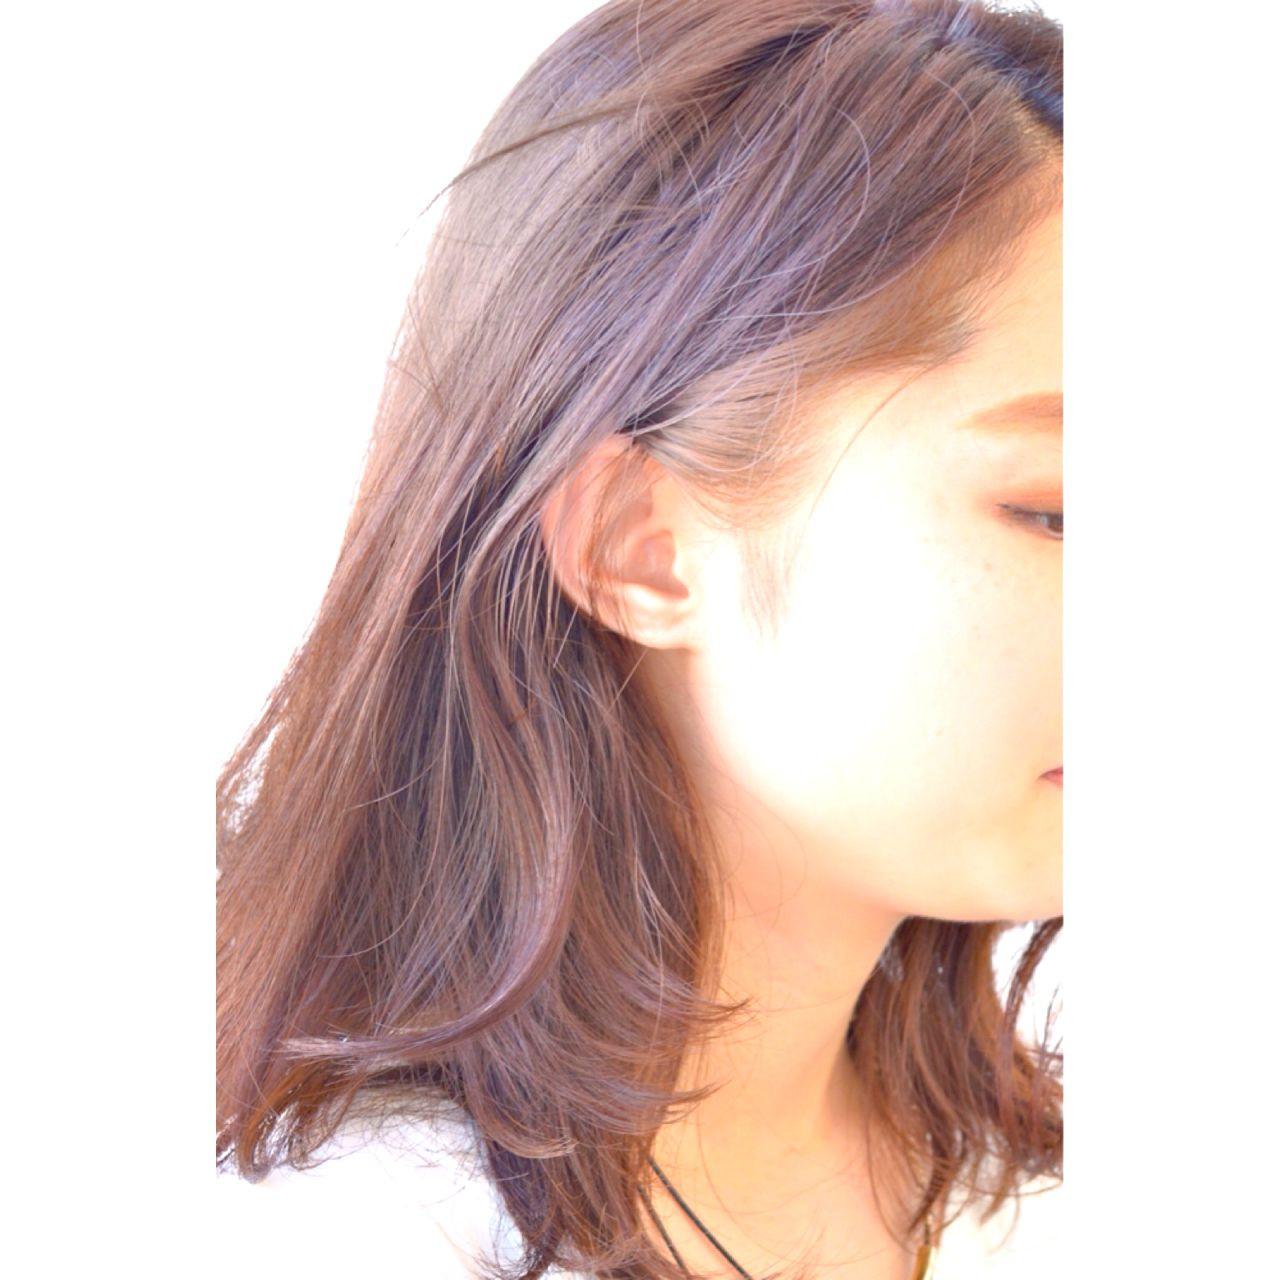 Tomoharu